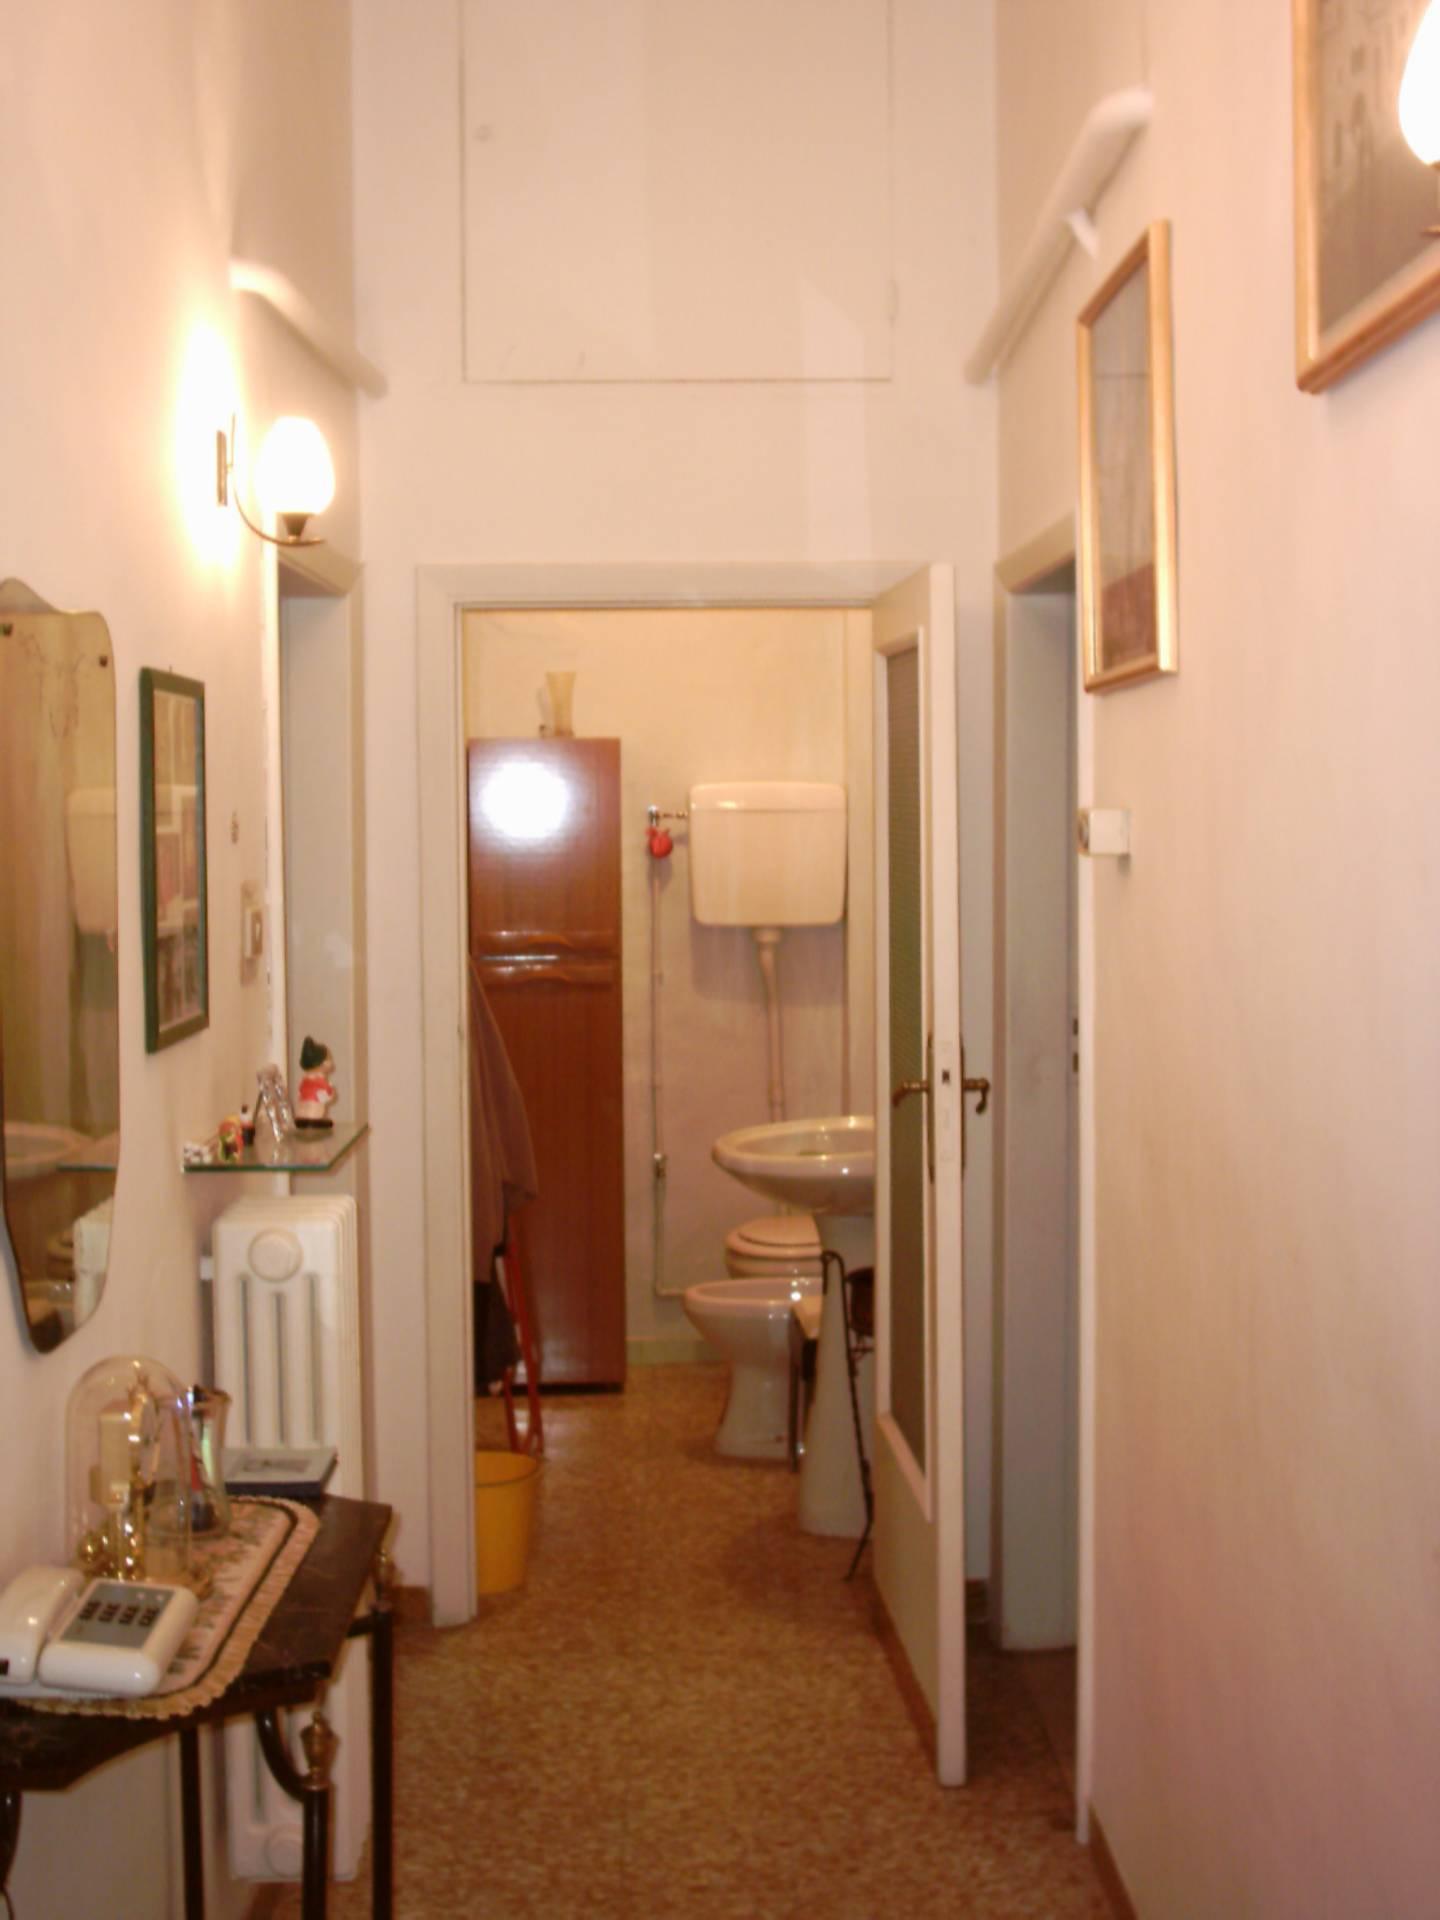 Appartamento in vendita a Ascoli Piceno, 5 locali, zona Località: CentroStorico, prezzo € 130.000 | Cambio Casa.it